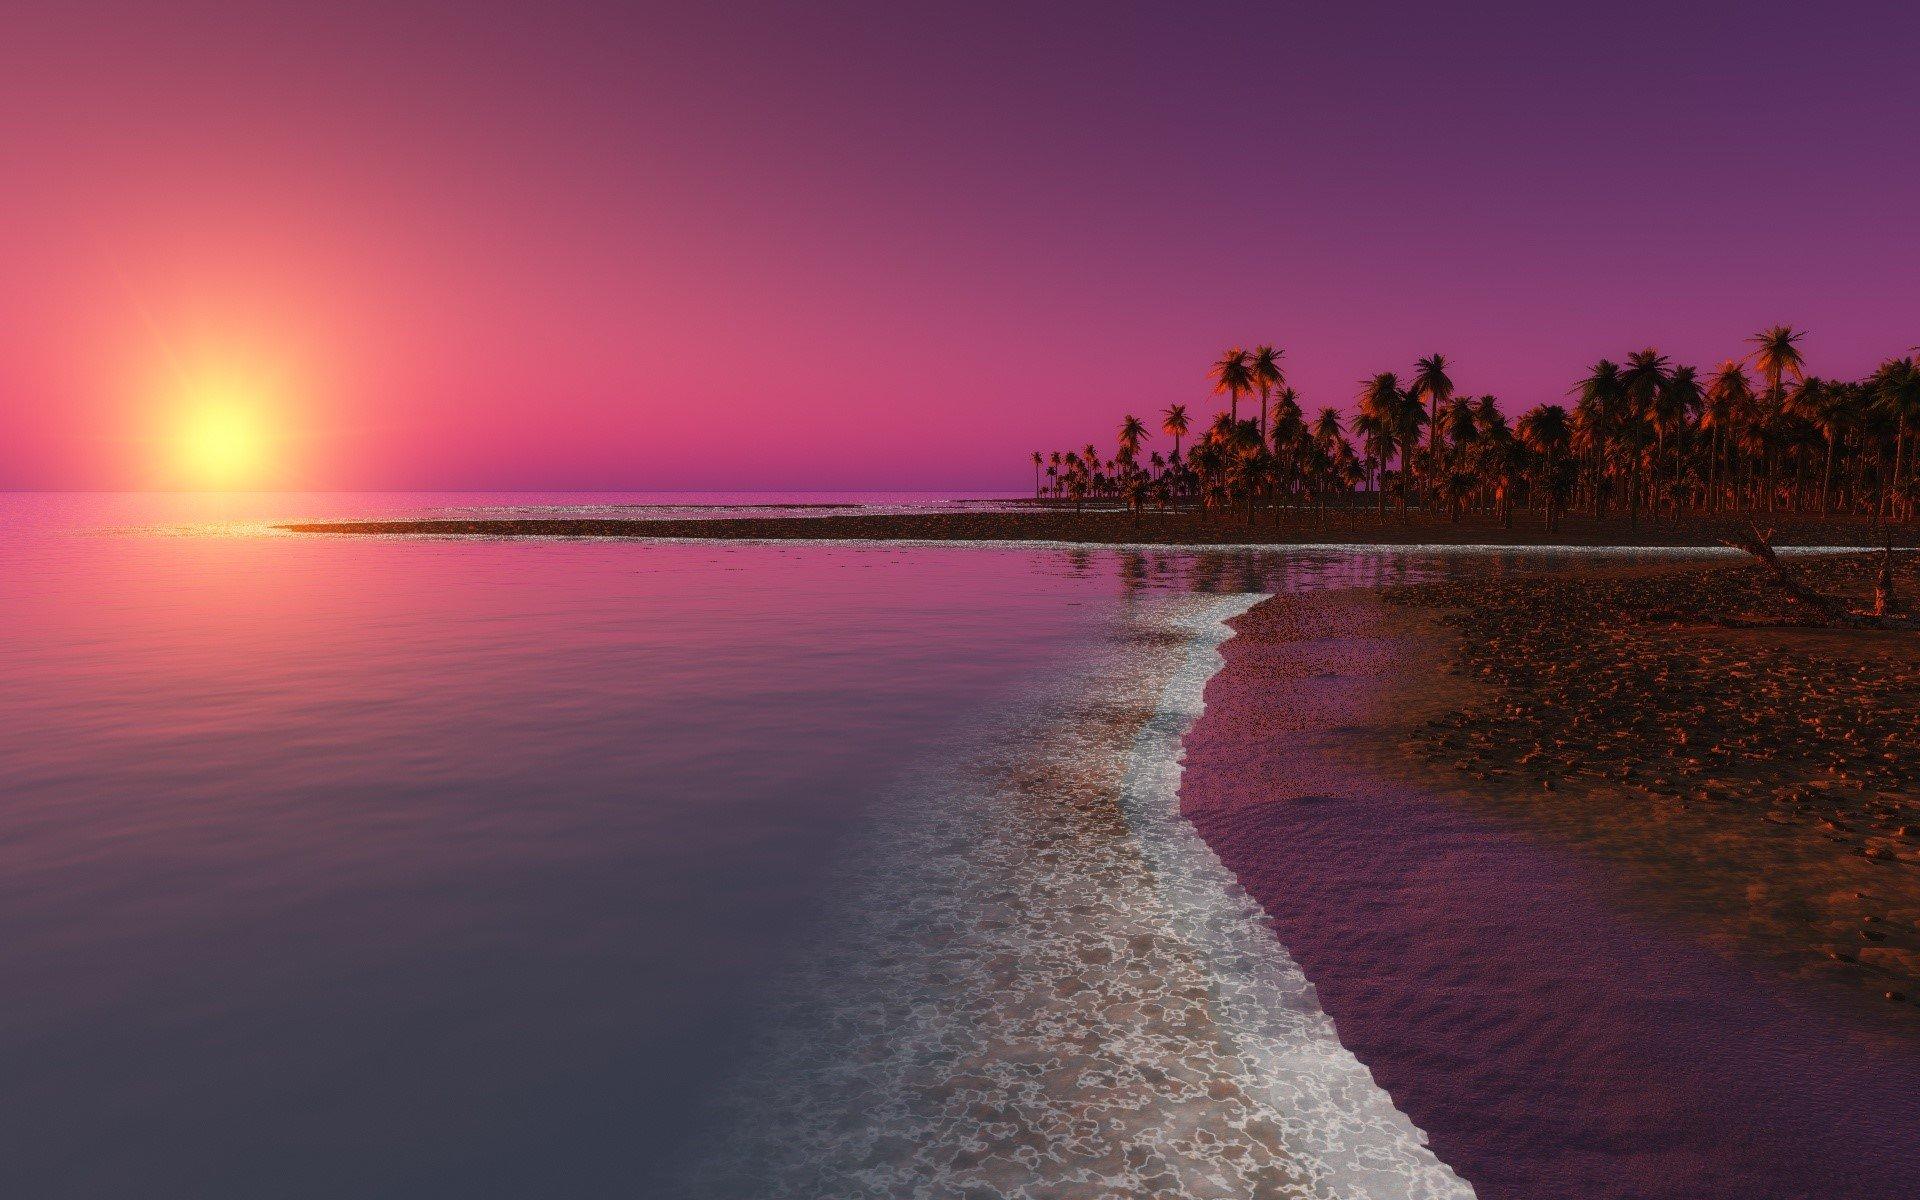 Wallpaper A digital sunset